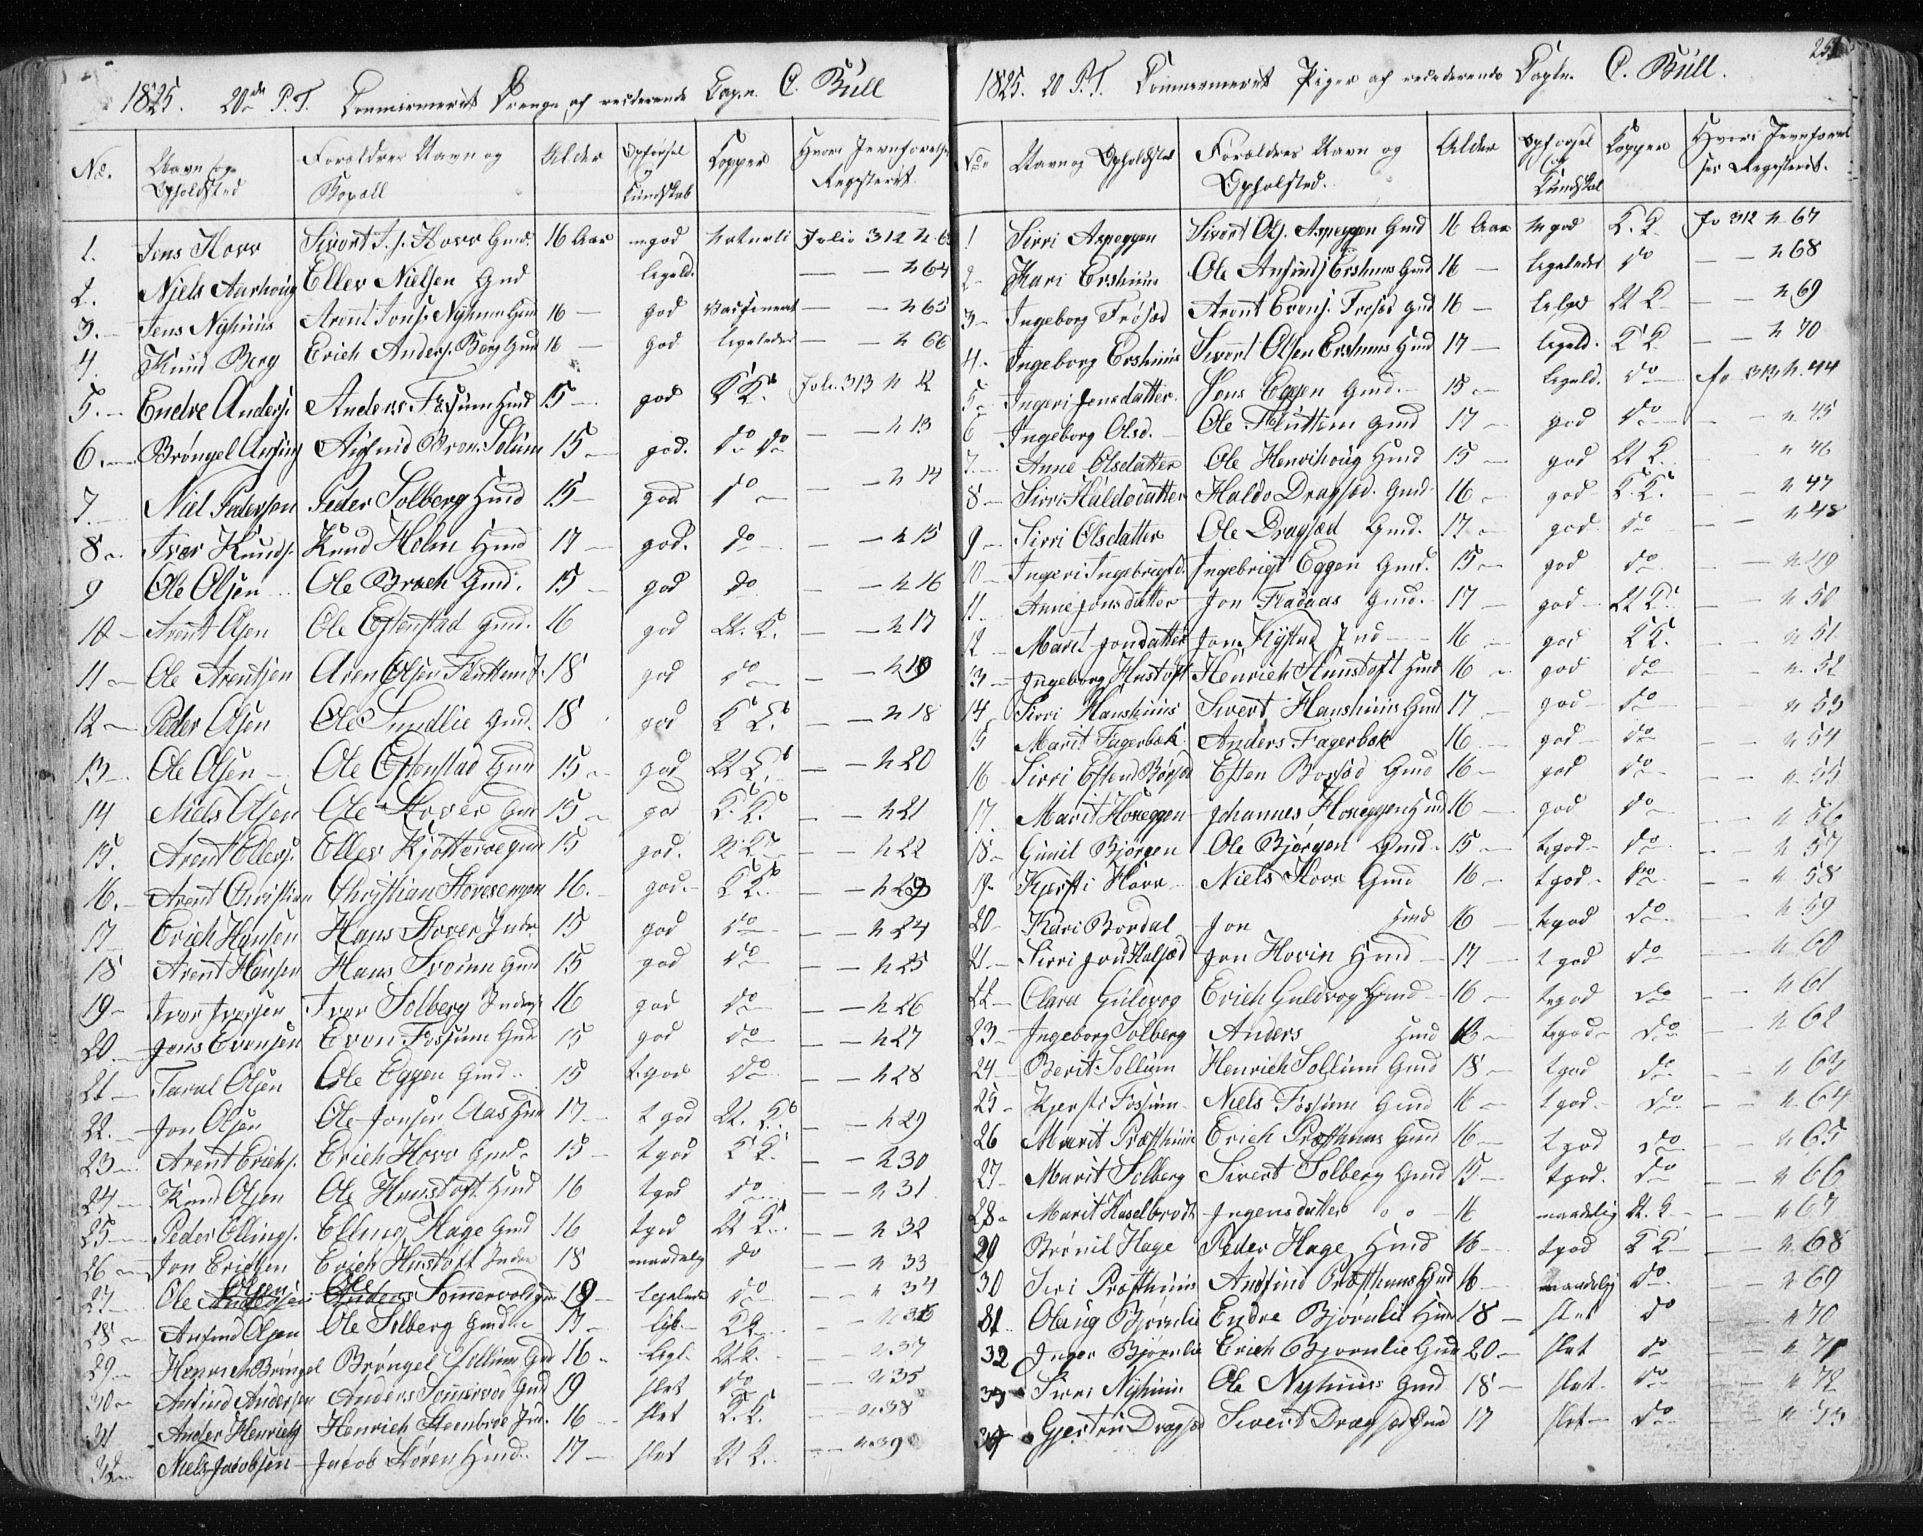 SAT, Ministerialprotokoller, klokkerbøker og fødselsregistre - Sør-Trøndelag, 689/L1043: Klokkerbok nr. 689C02, 1816-1892, s. 254